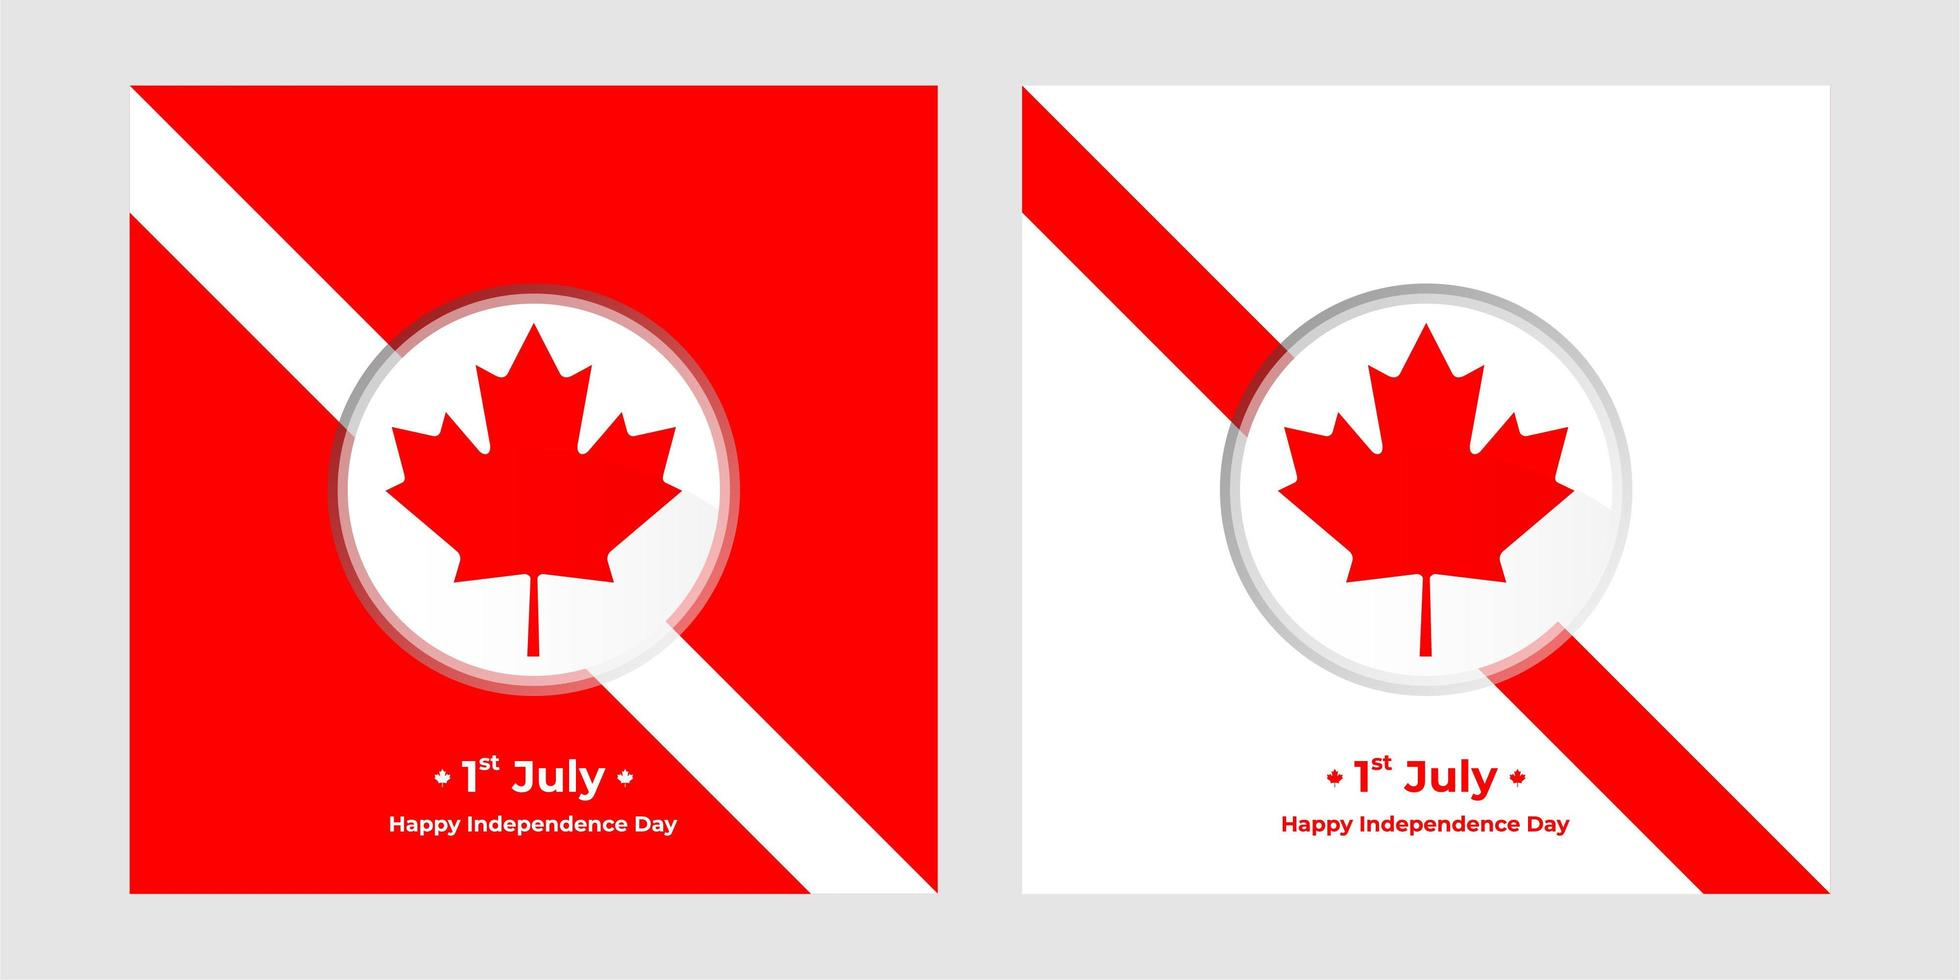 1 ° luglio giorno dell'indipendenza del canada square banner vettore